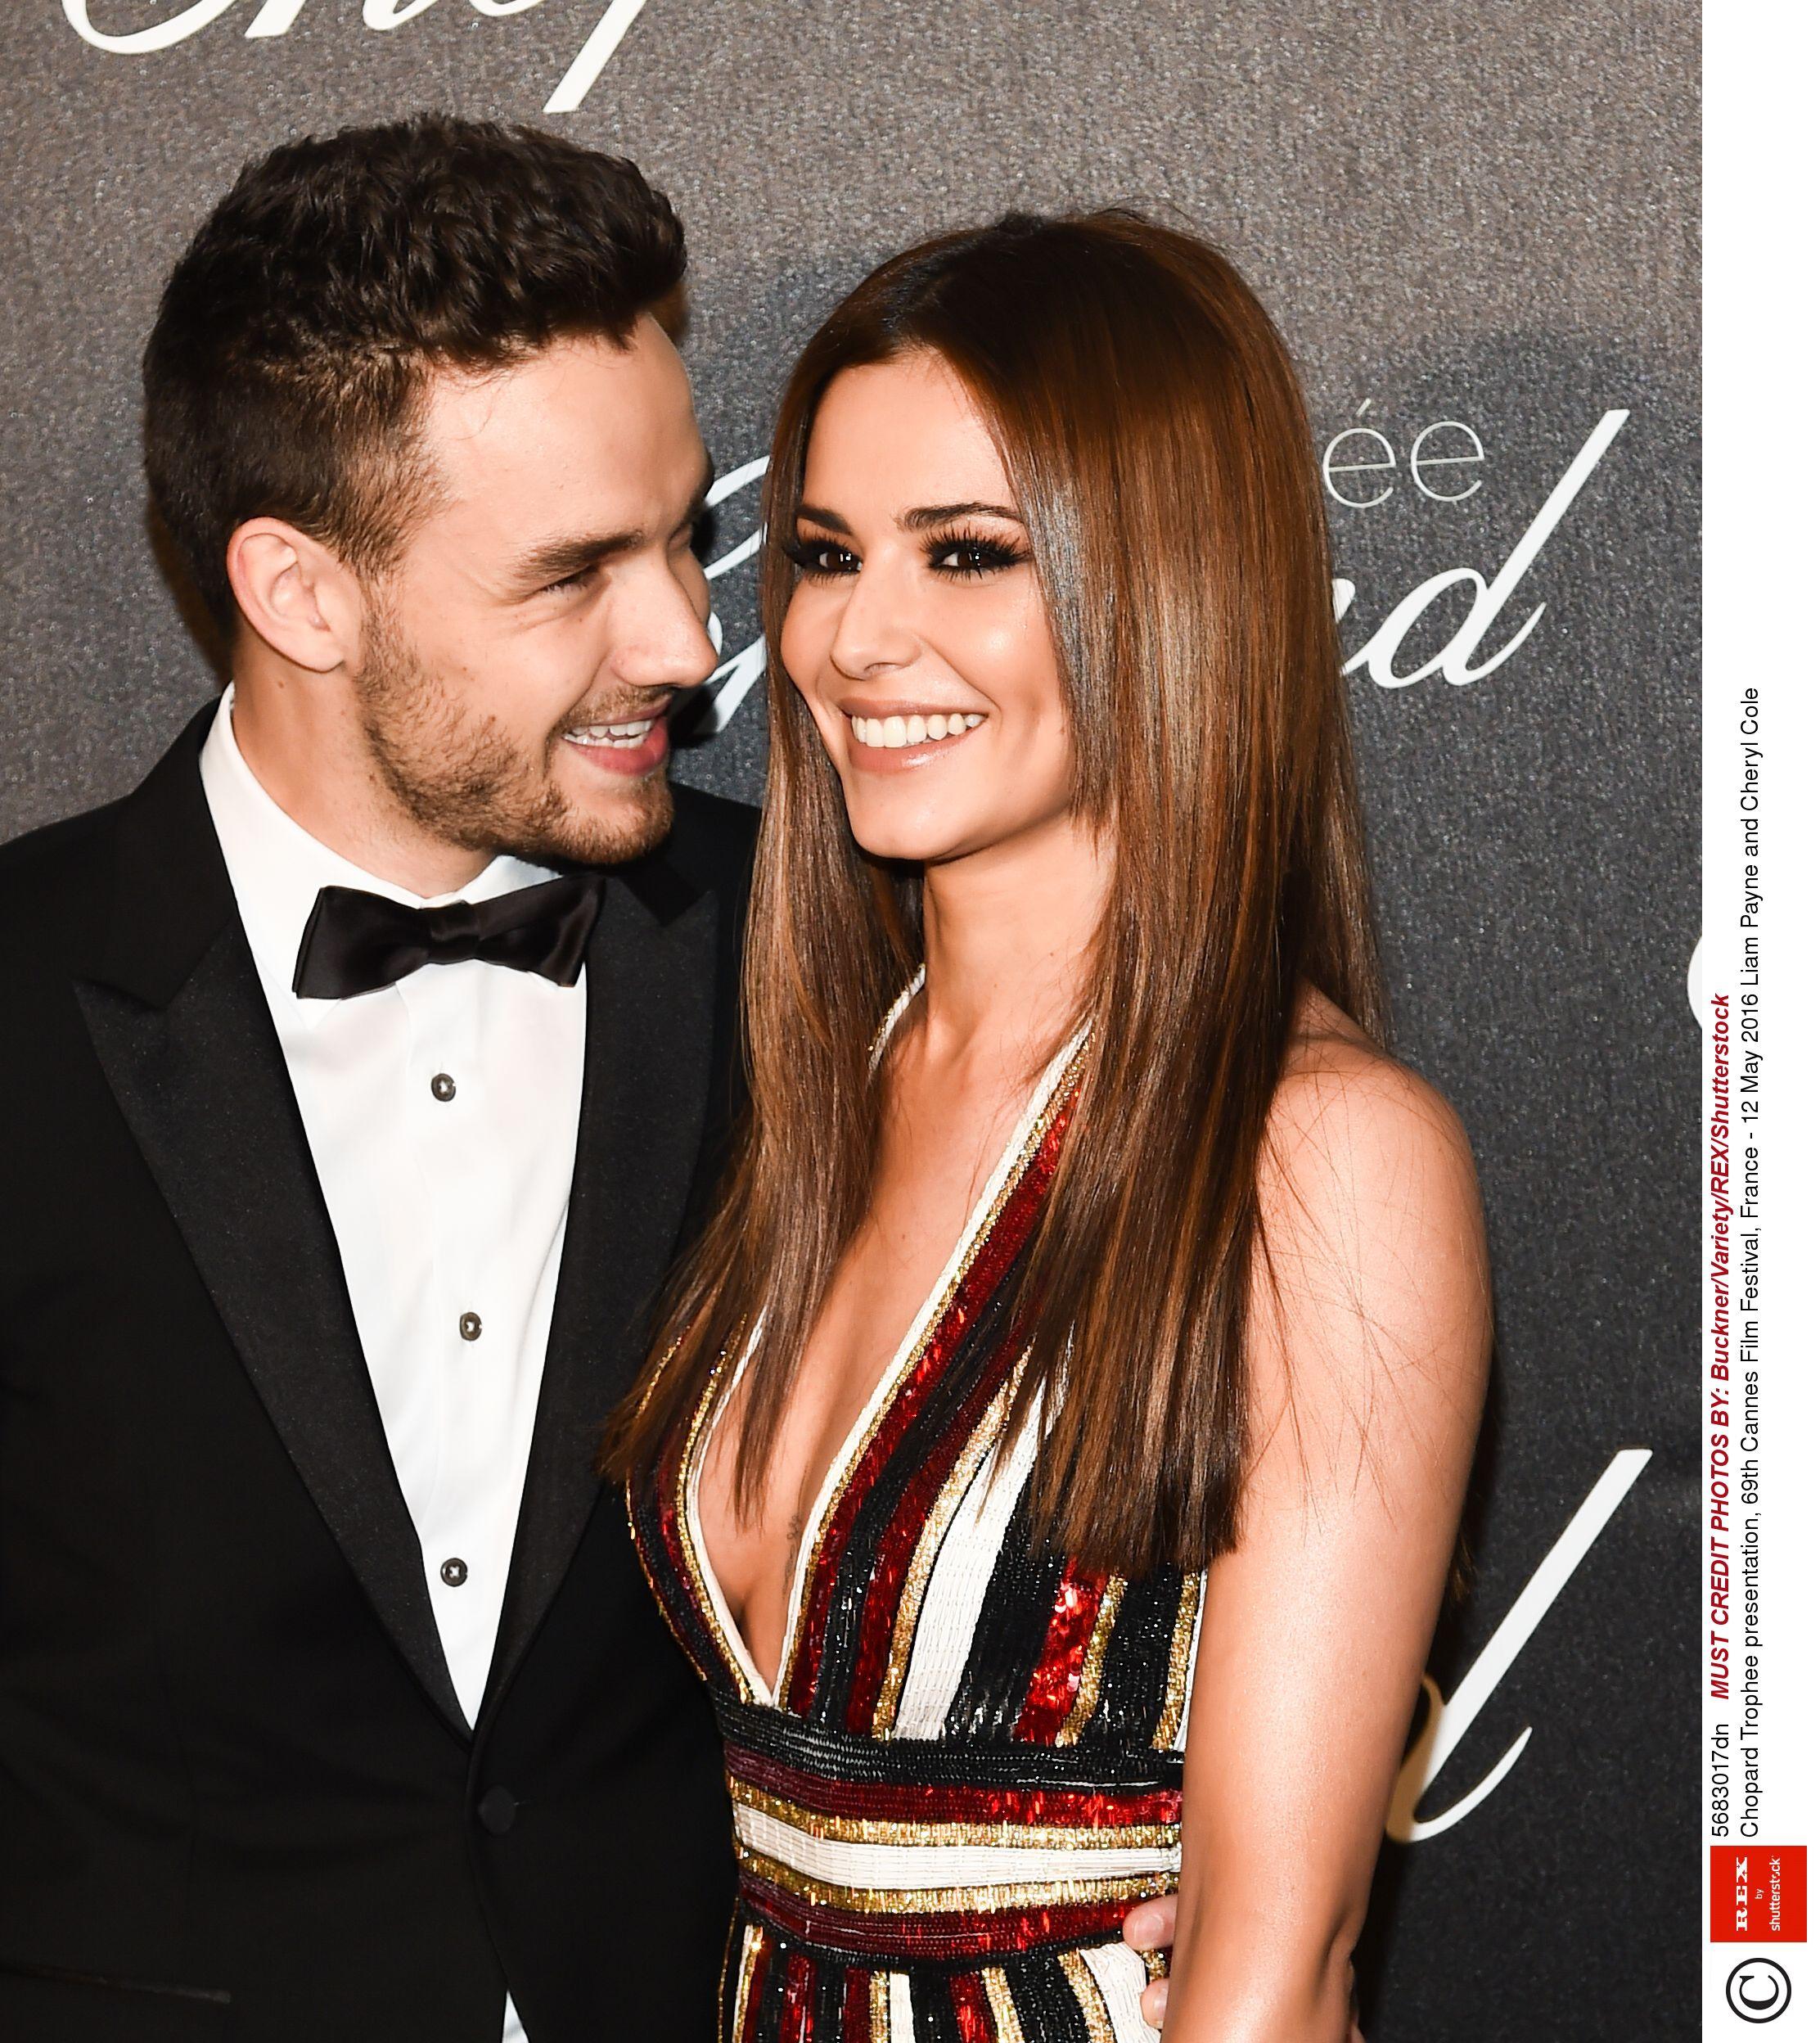 Cheryl en Liam Payne gaan ein-de-lijk samenwonen